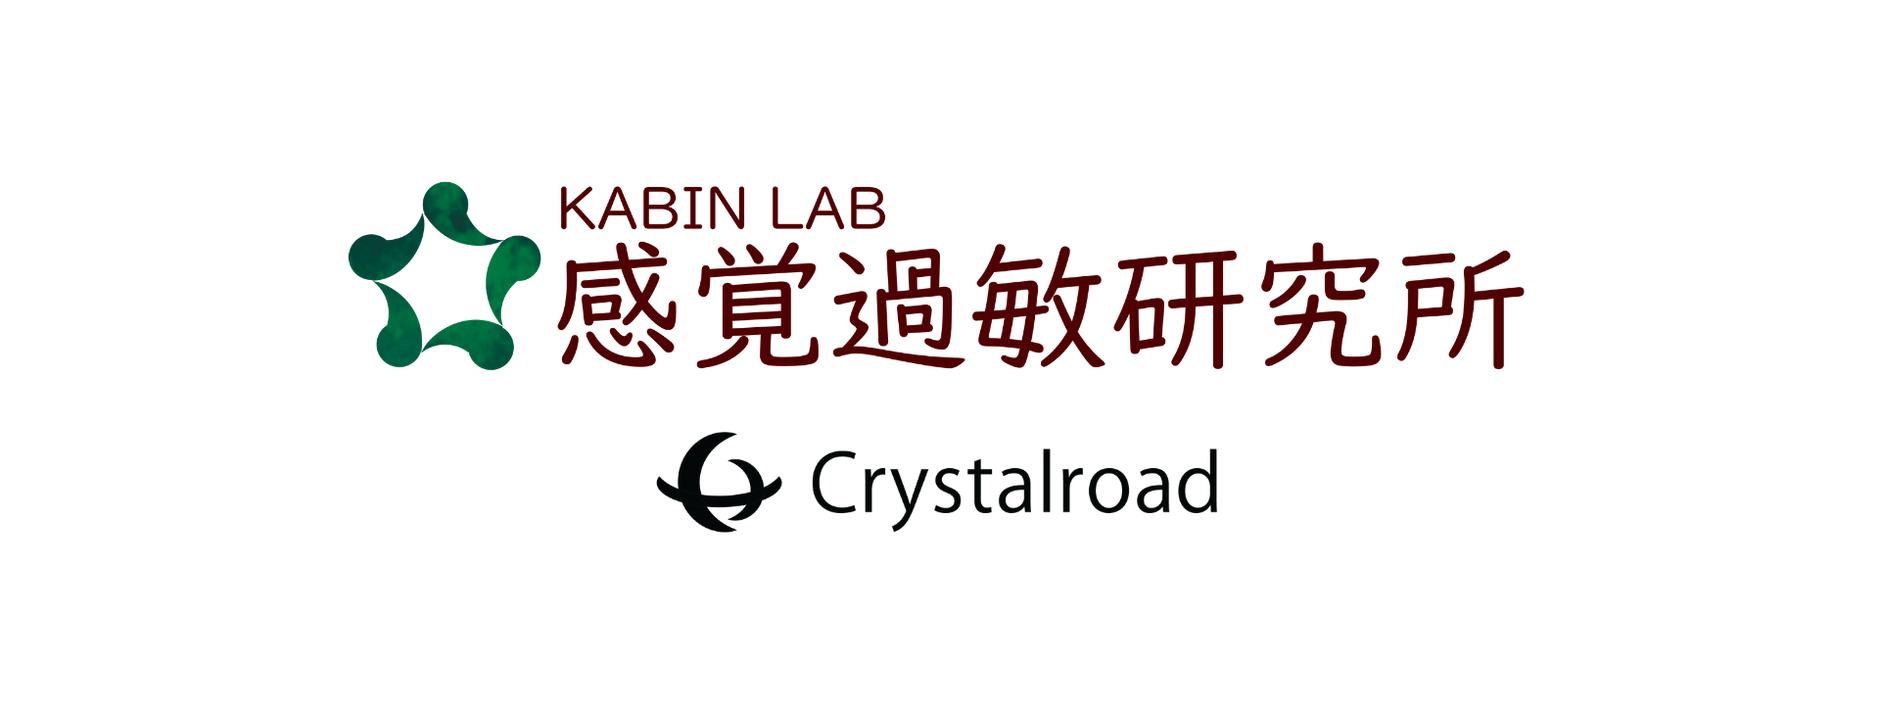 感覚過敏研究所・Crystalroad